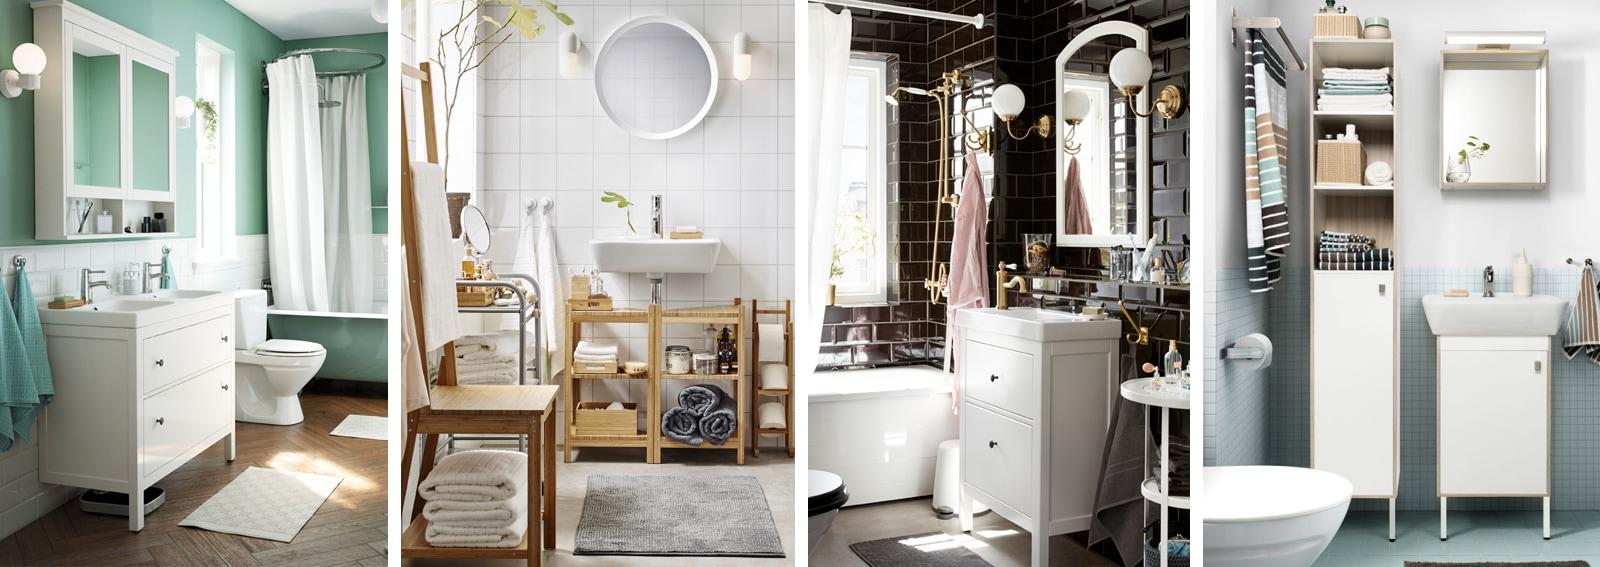 Mobile Bagno Ikea Immagini come arredare il bagno con mobili ikea - grazia